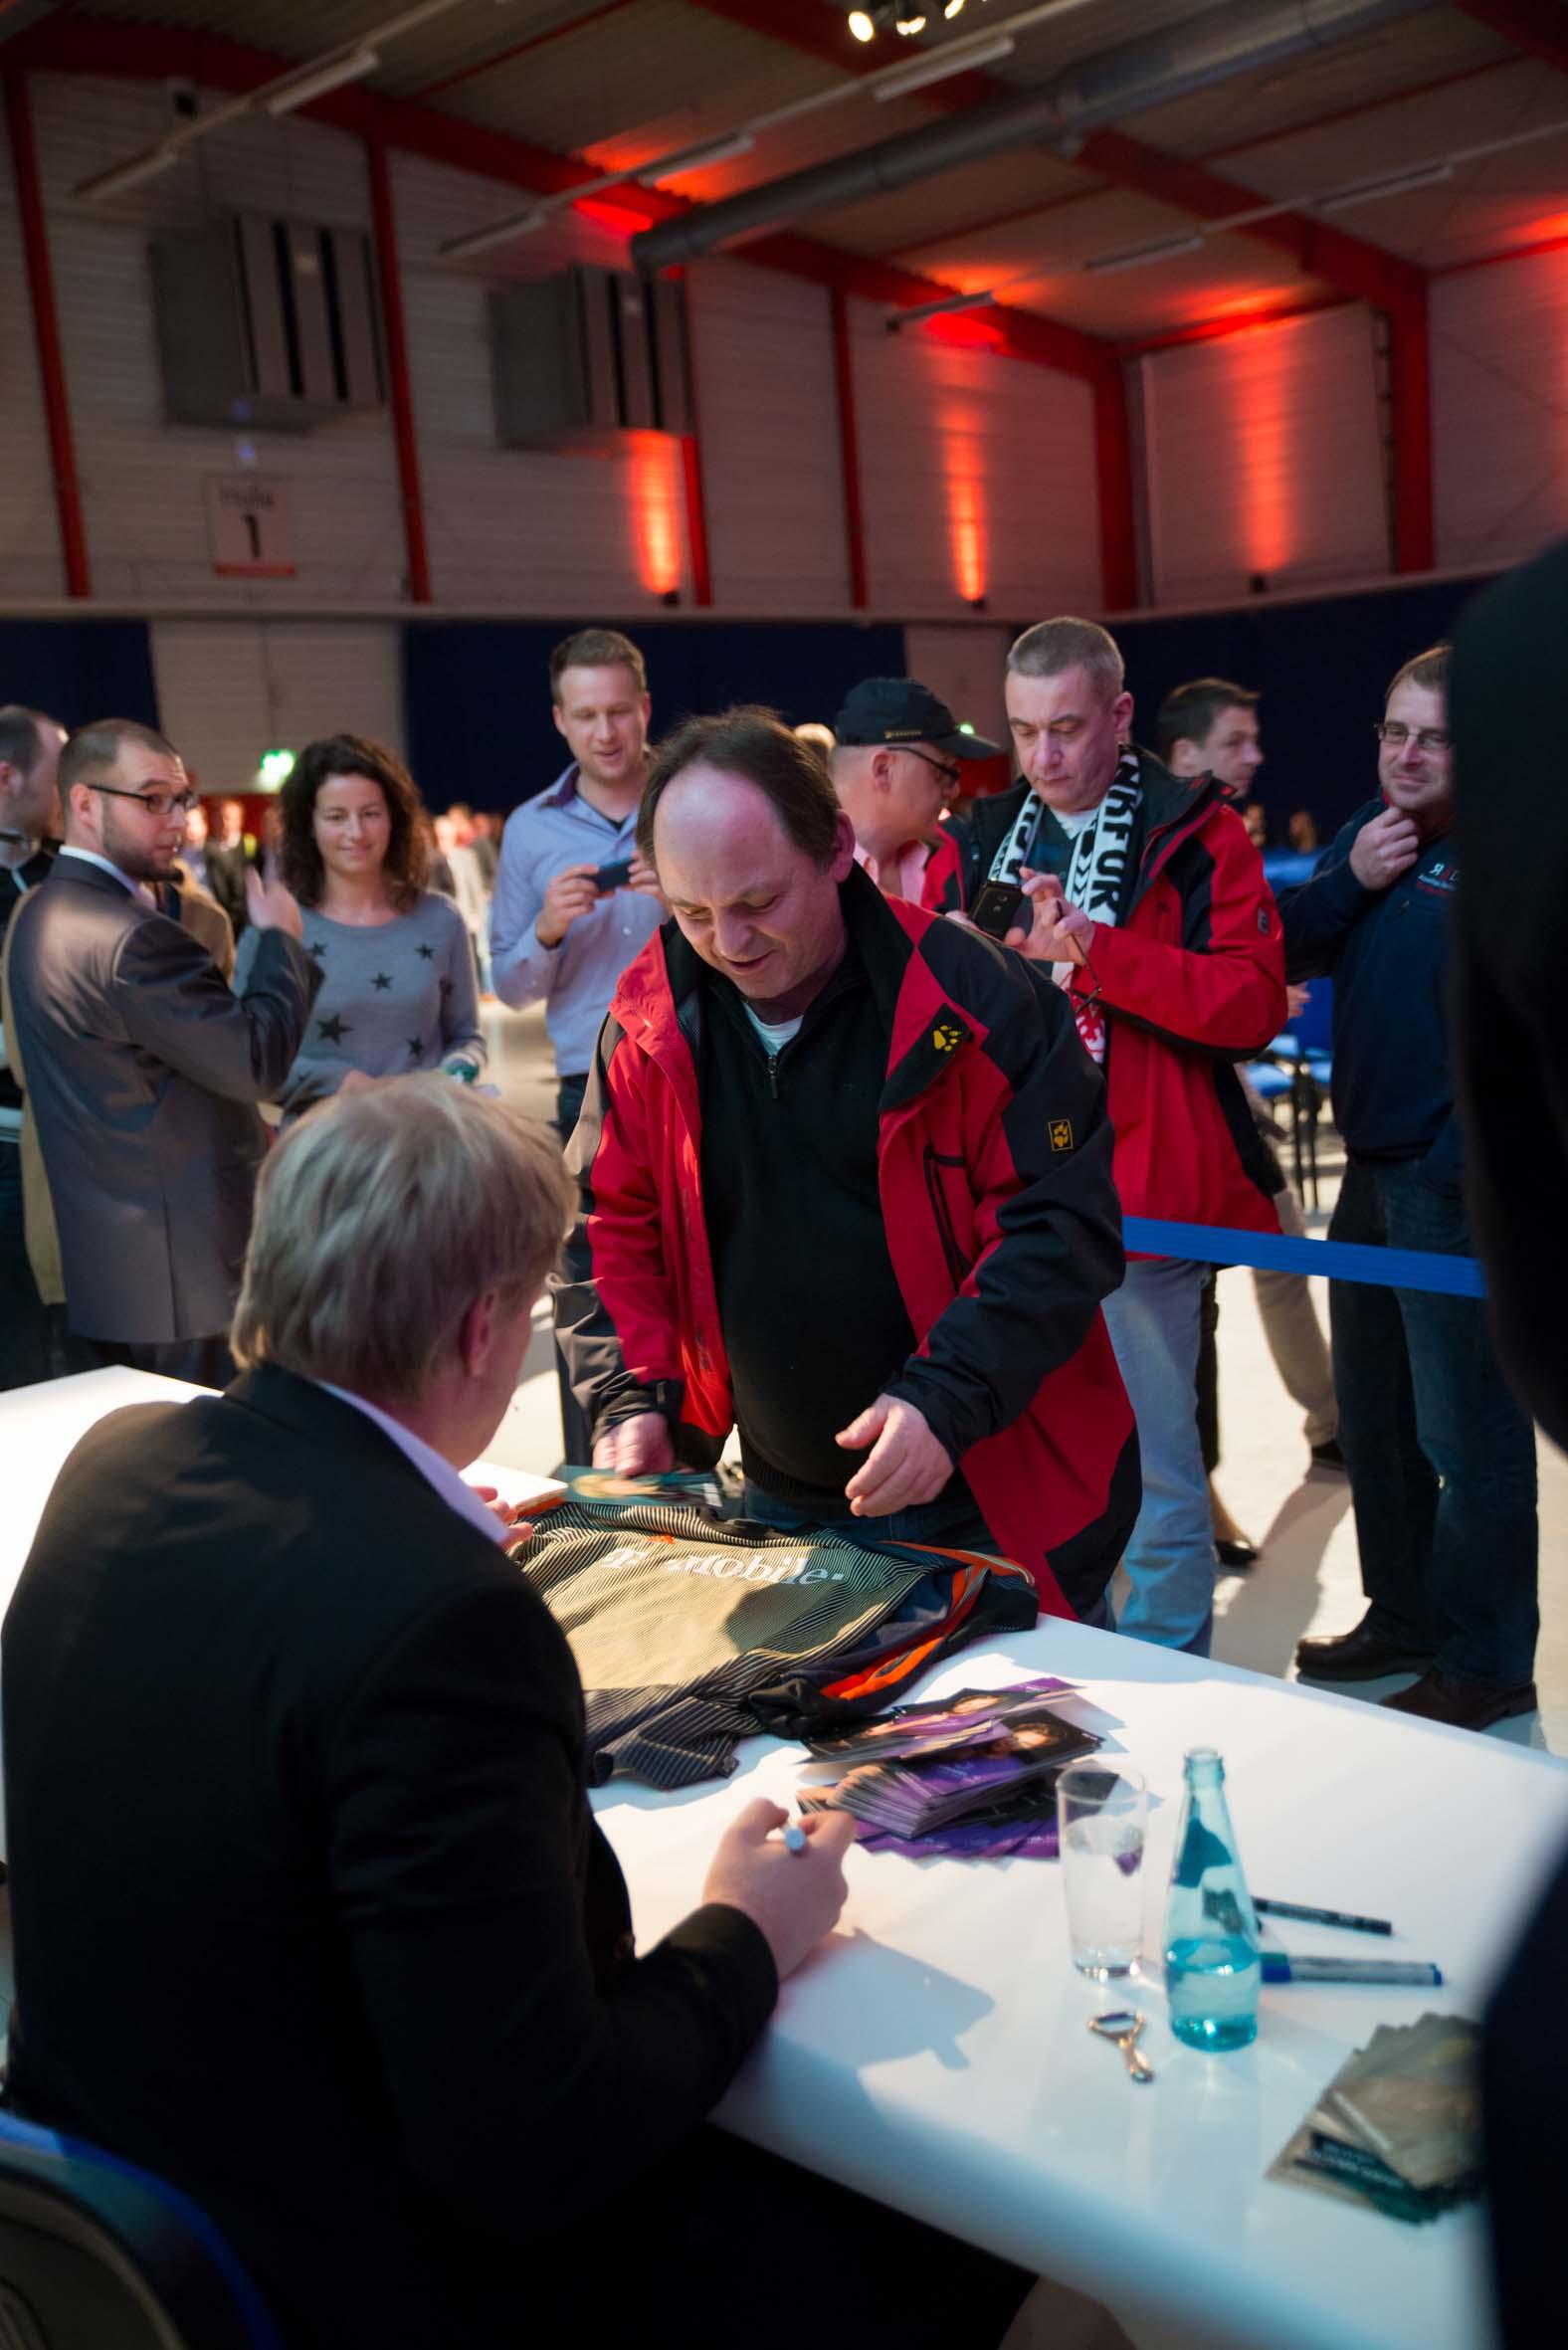 Bildergalerie Mitgliederversammlung 2015 in Gießen, Bild 74